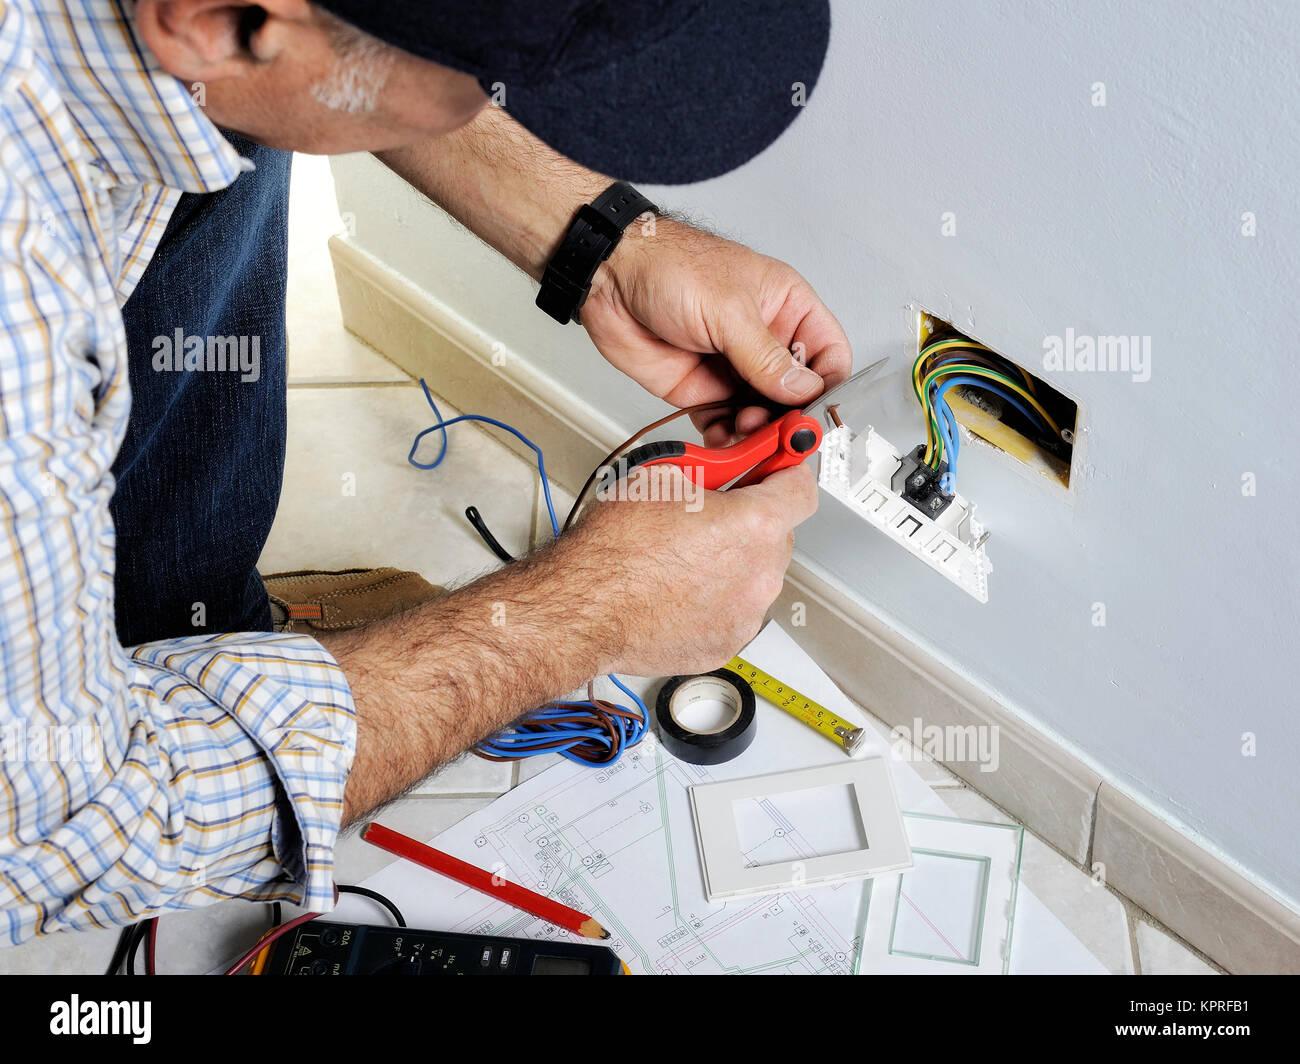 Ziemlich Elektrischen Schalter Anschließen Fotos - Die Besten ...